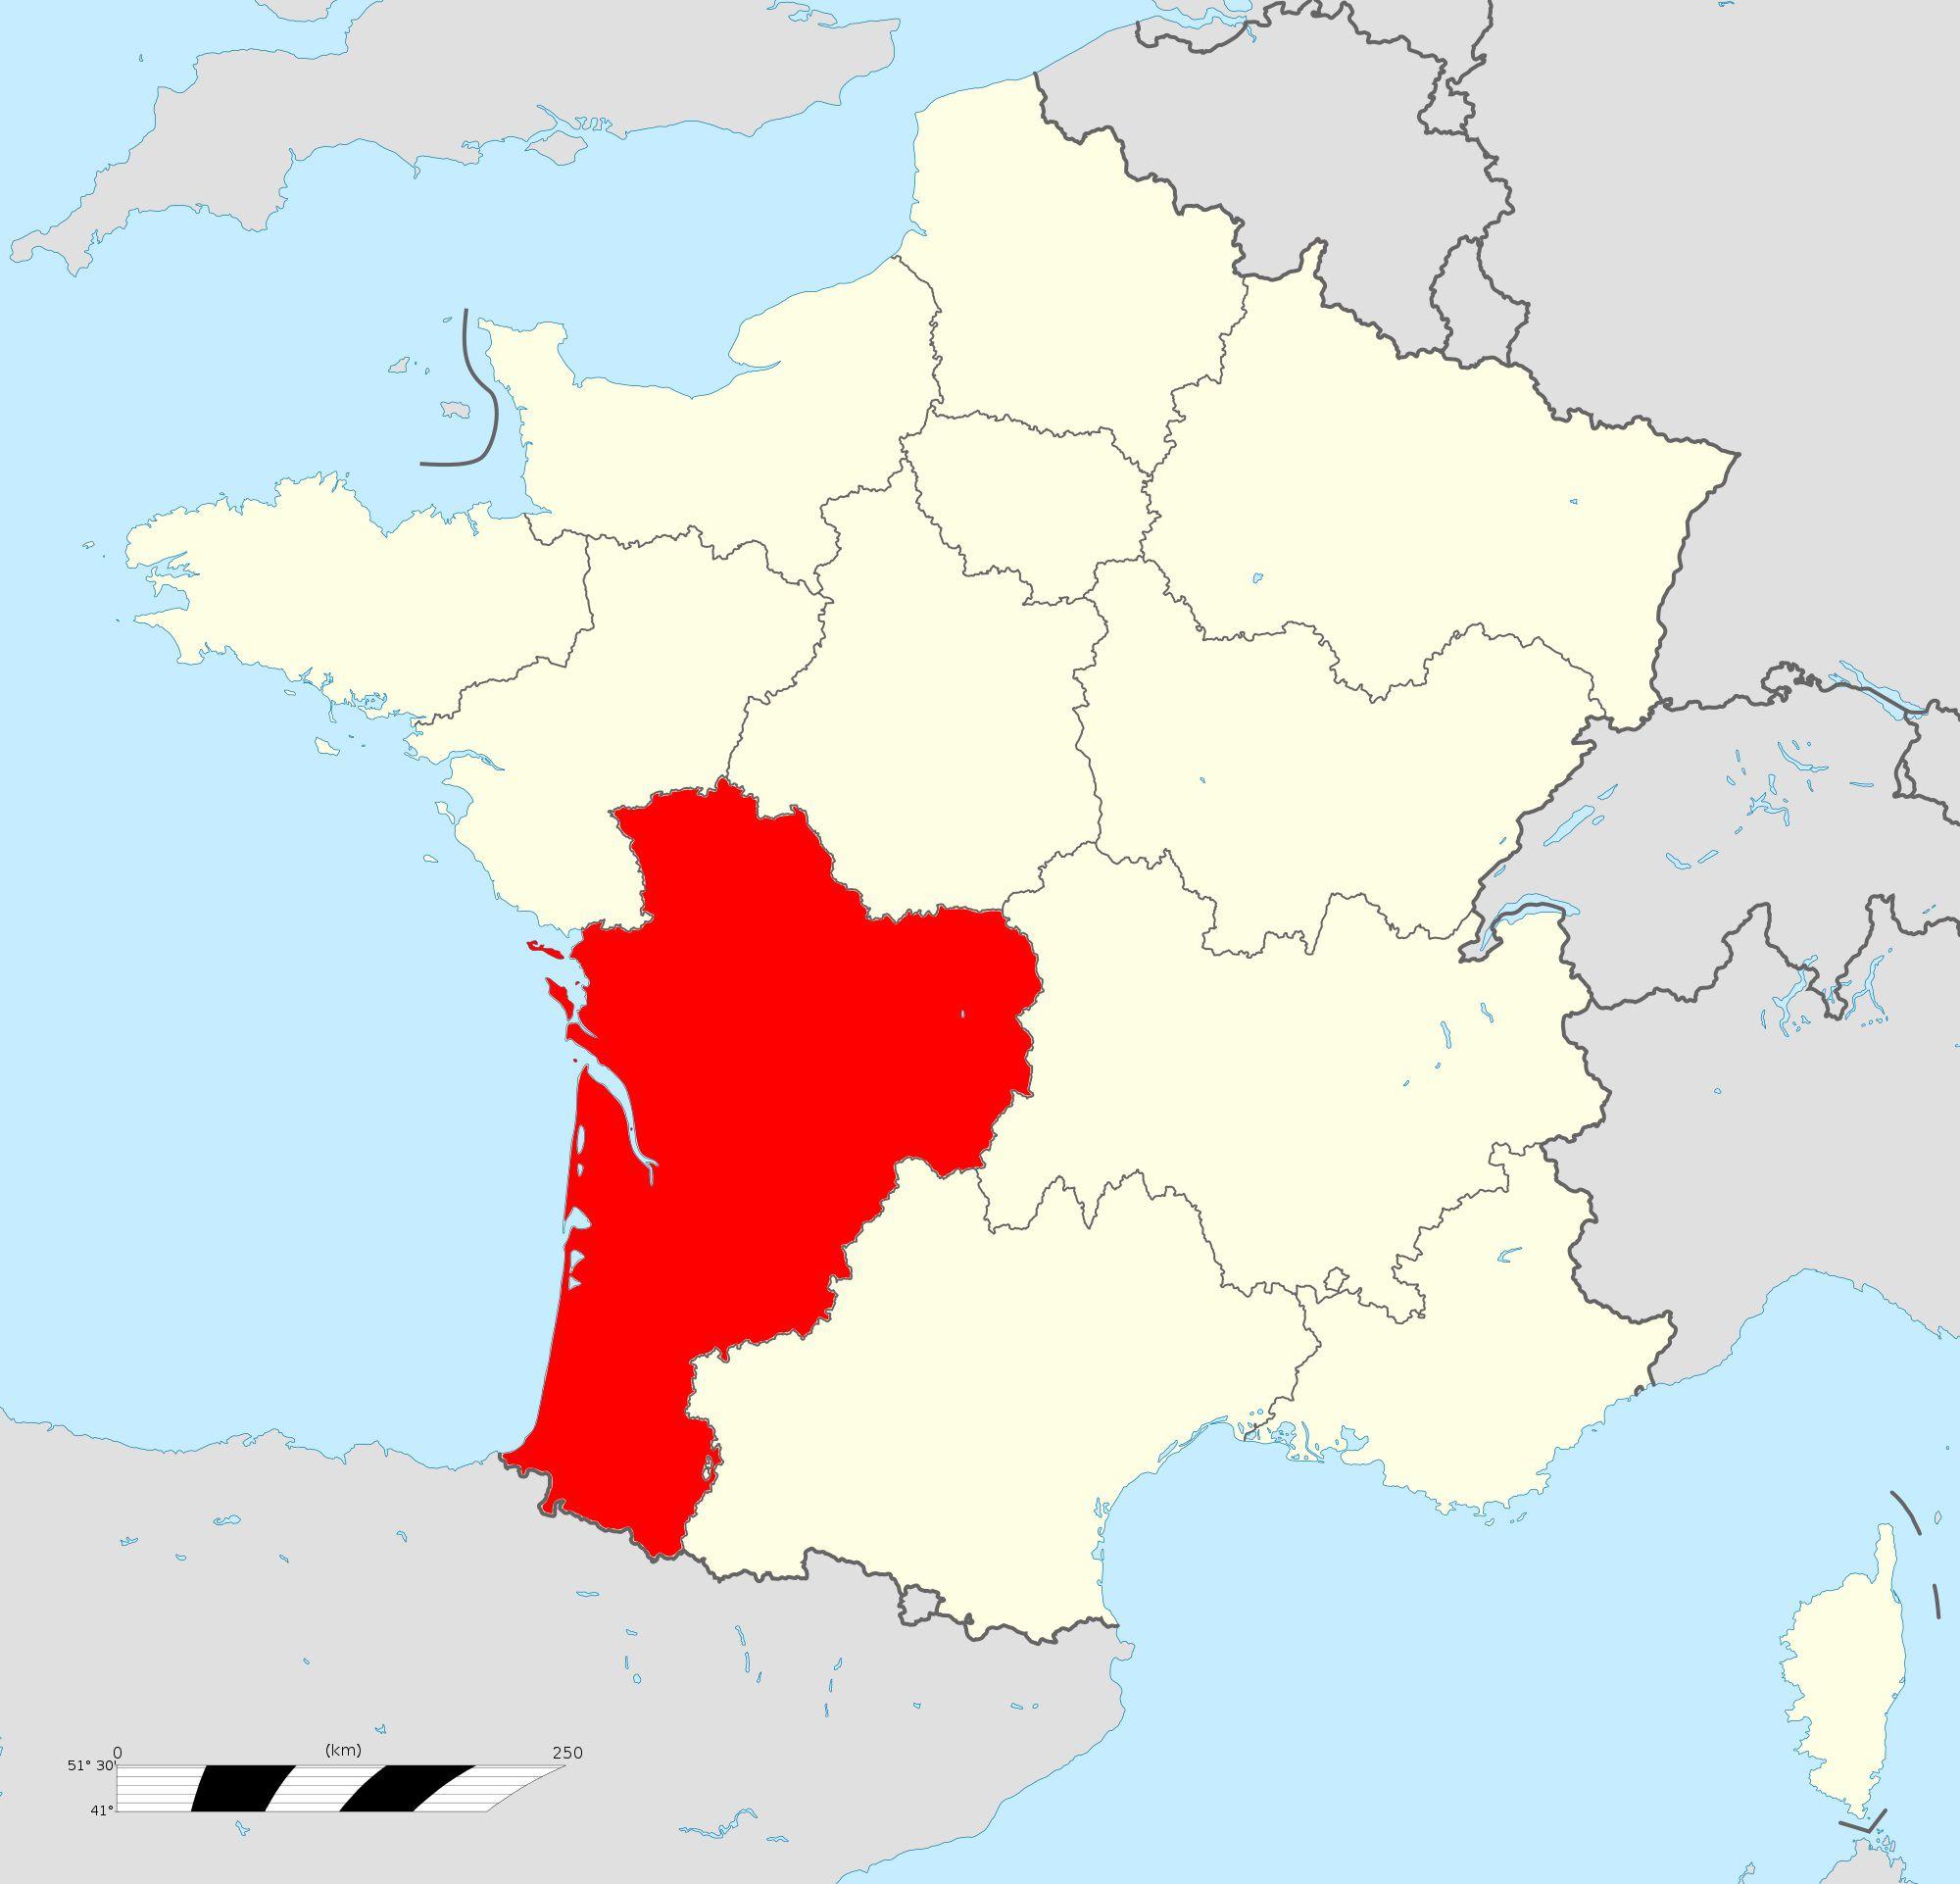 Carte de la Nouvelle-Aquitaine - Nouvelle-Aquitaine cartes des villes, départements...